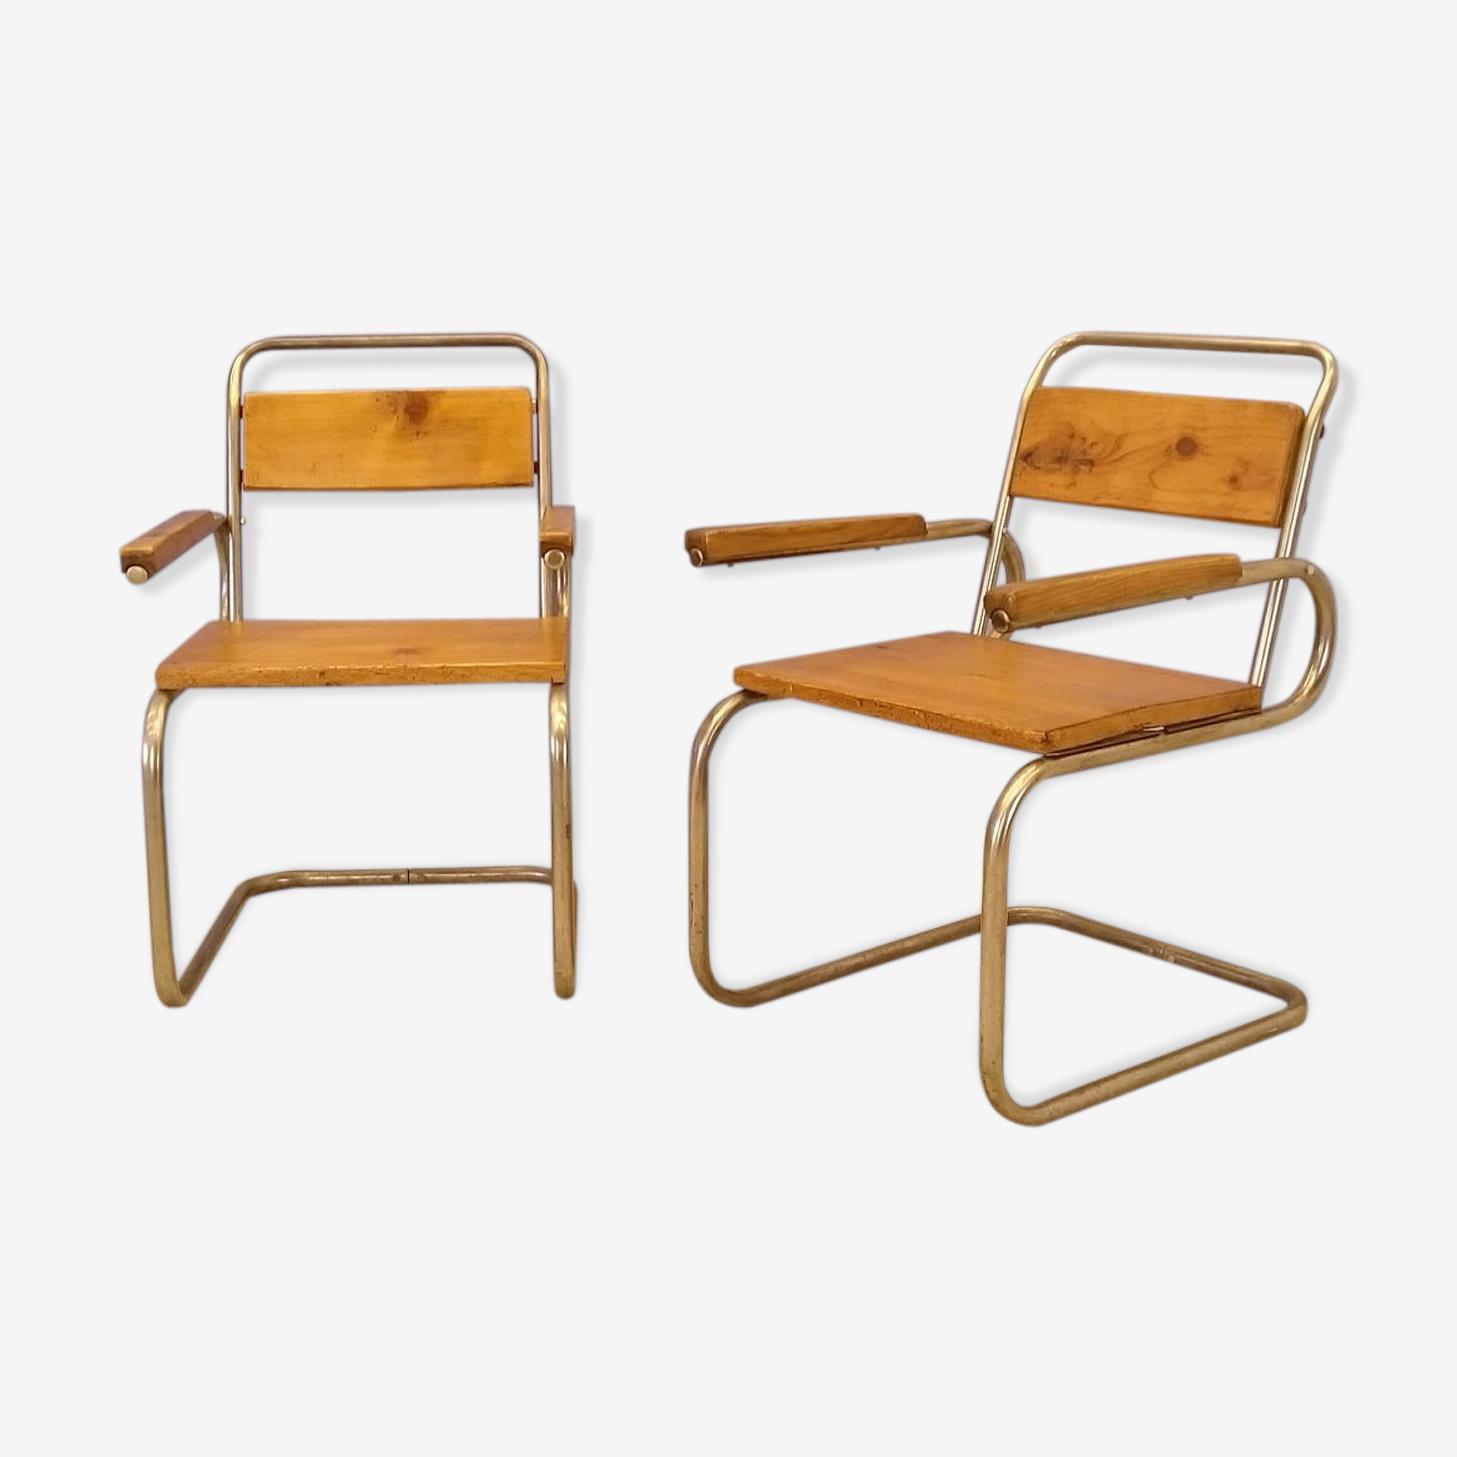 Paire de fauteuils luges en bois et acier brossé 1940